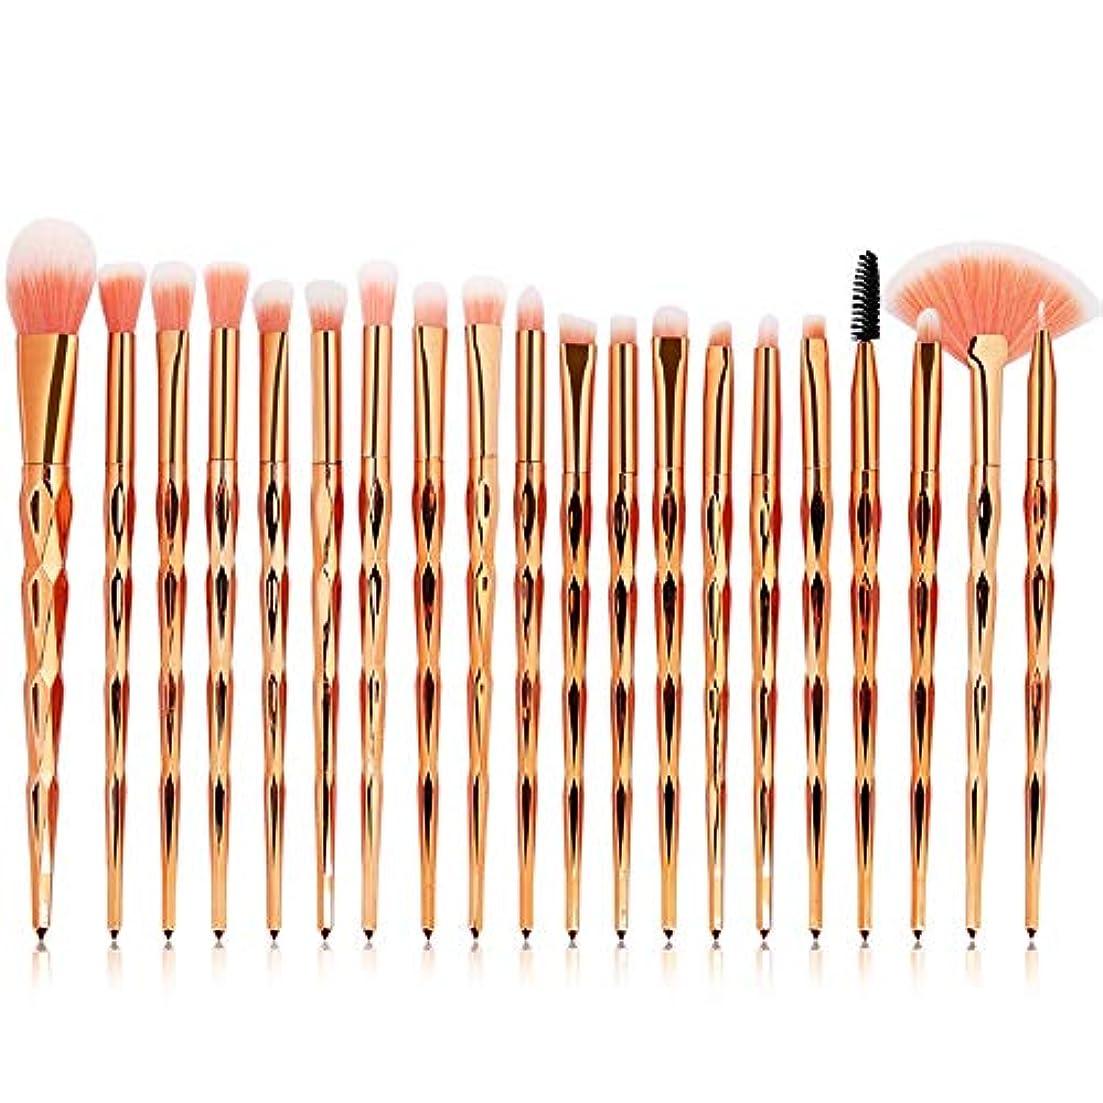 法律作動する維持Makeup brushes イエロー、20ダイヤモンドメイクブラシセットファンデーションパウダーブラッシュアイシャドウリップブラシモトリーメイクメイク suits (Color : Golden)